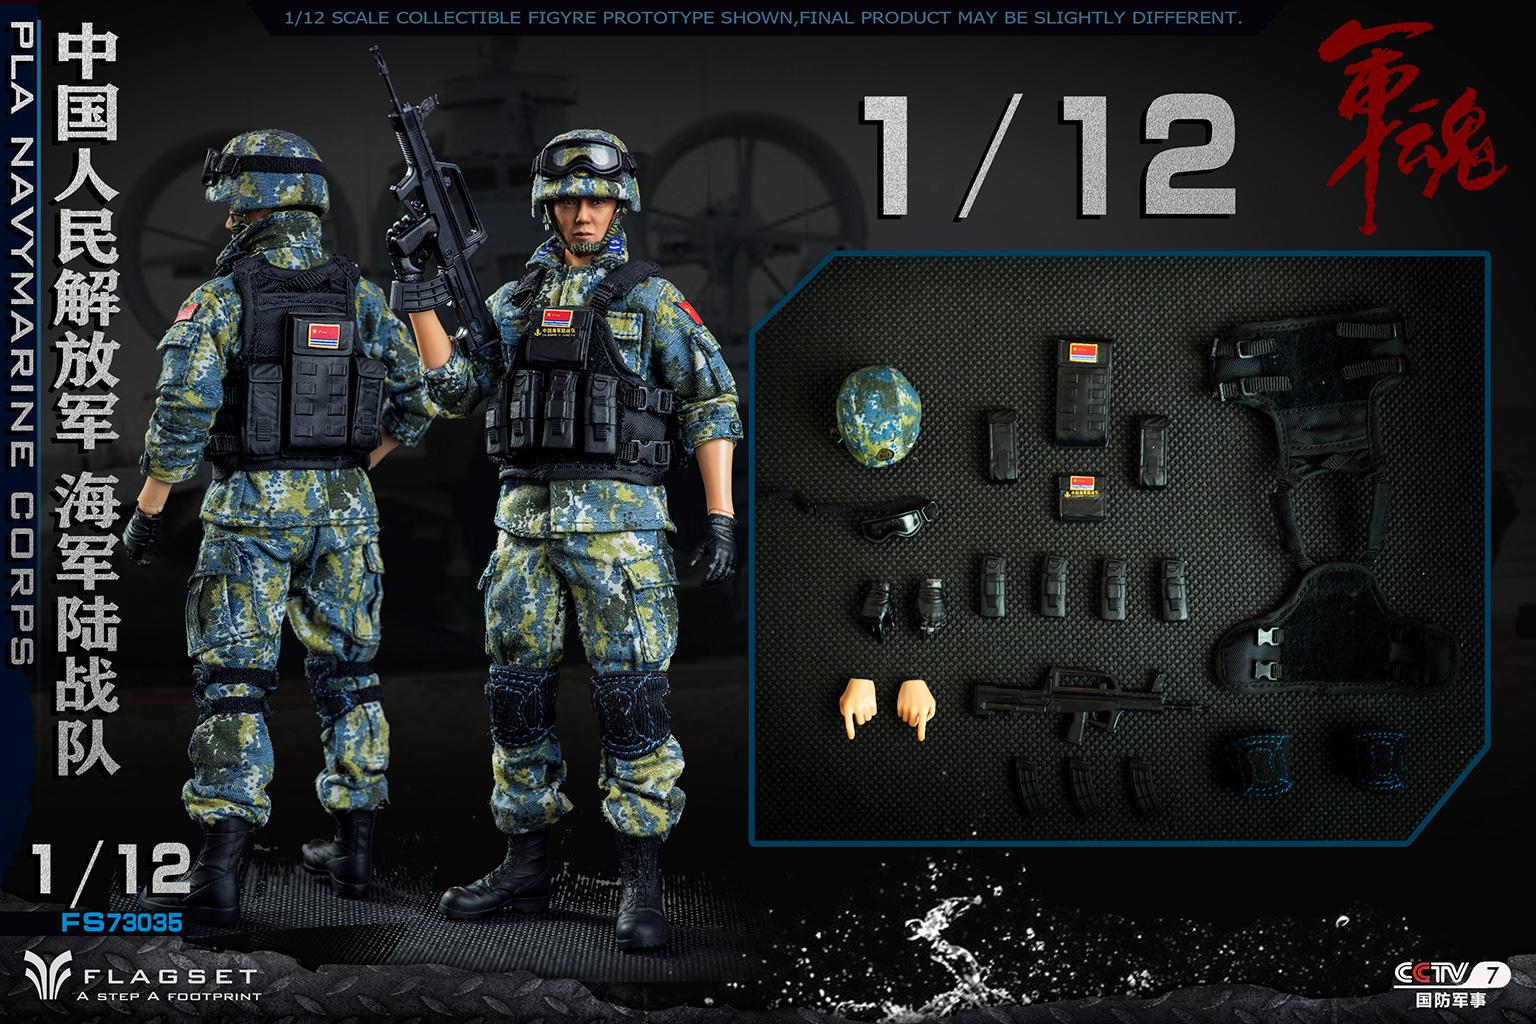 1/12 軍魂系列 中國人民解放軍 海軍陸戰隊(#FS-73035)